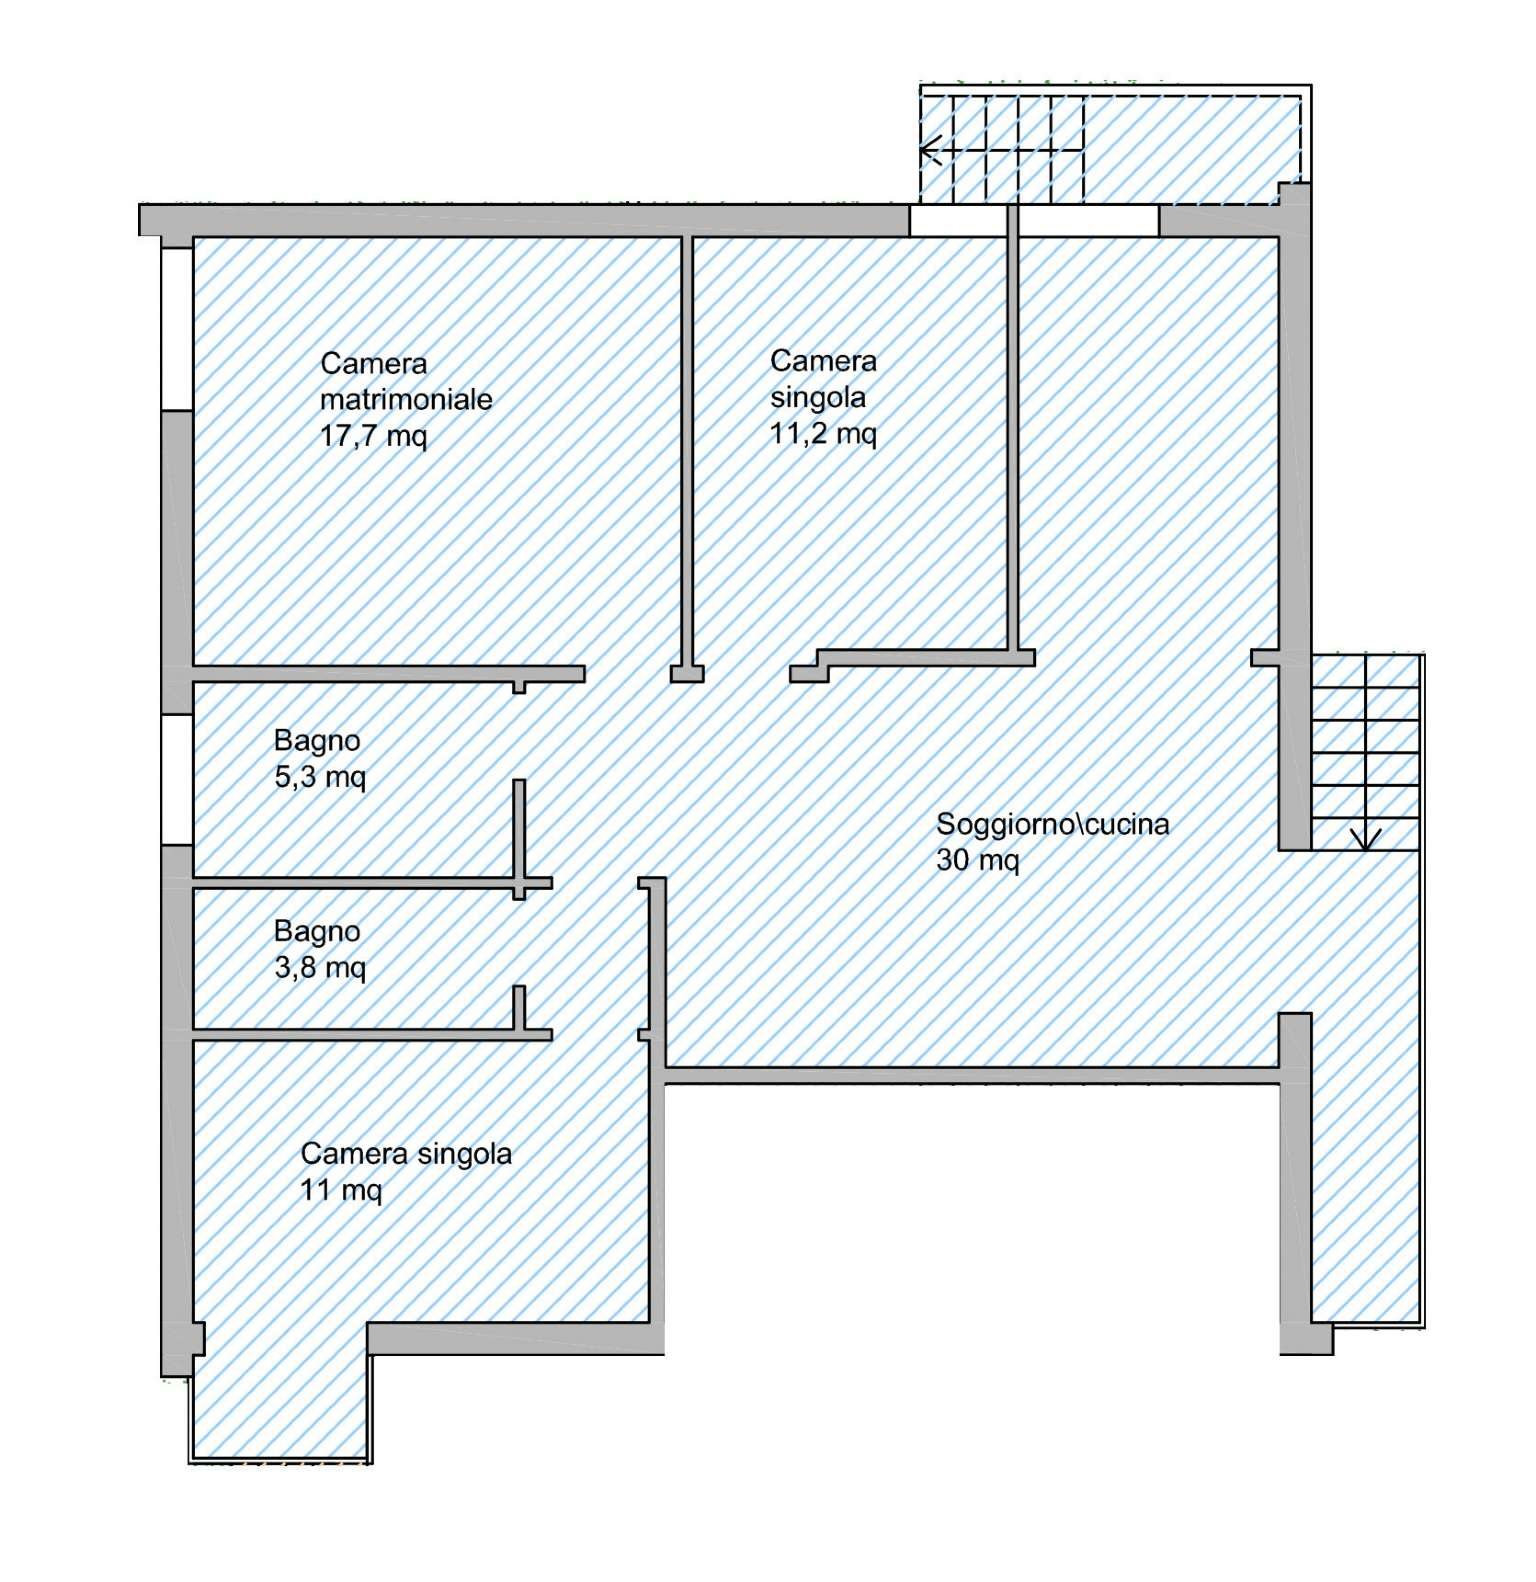 Appartamento in vendita a Forlimpopoli, 6 locali, prezzo € 225.000 | CambioCasa.it